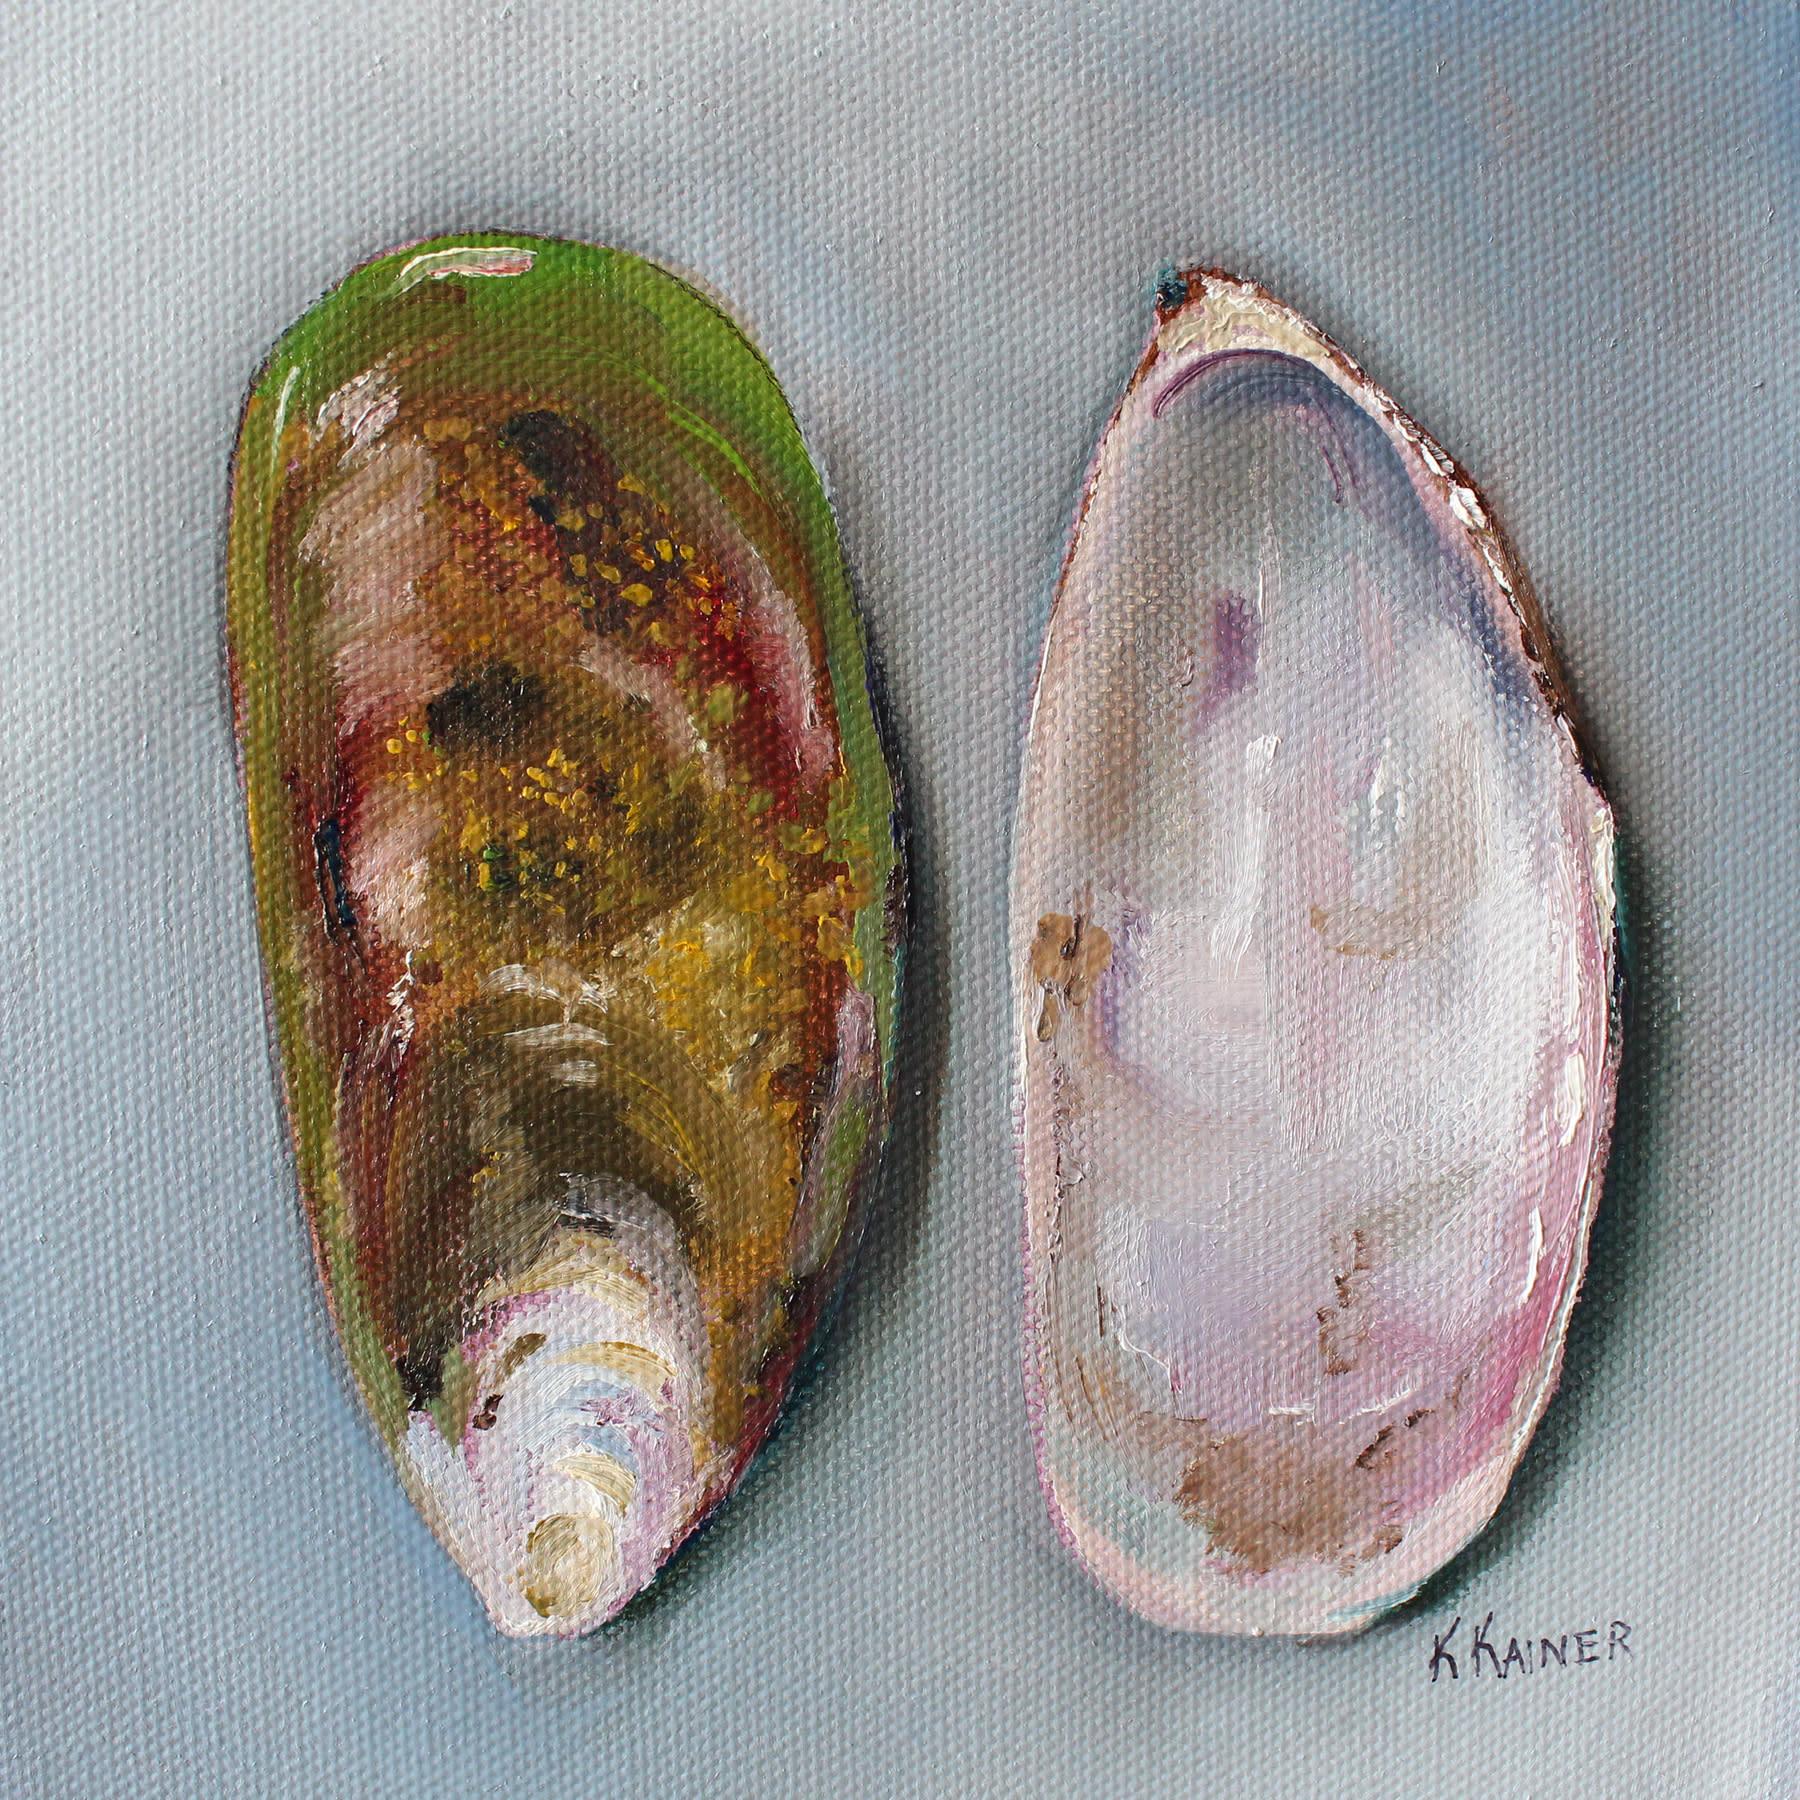 Green lipped mussel shells 300 dvd8uj